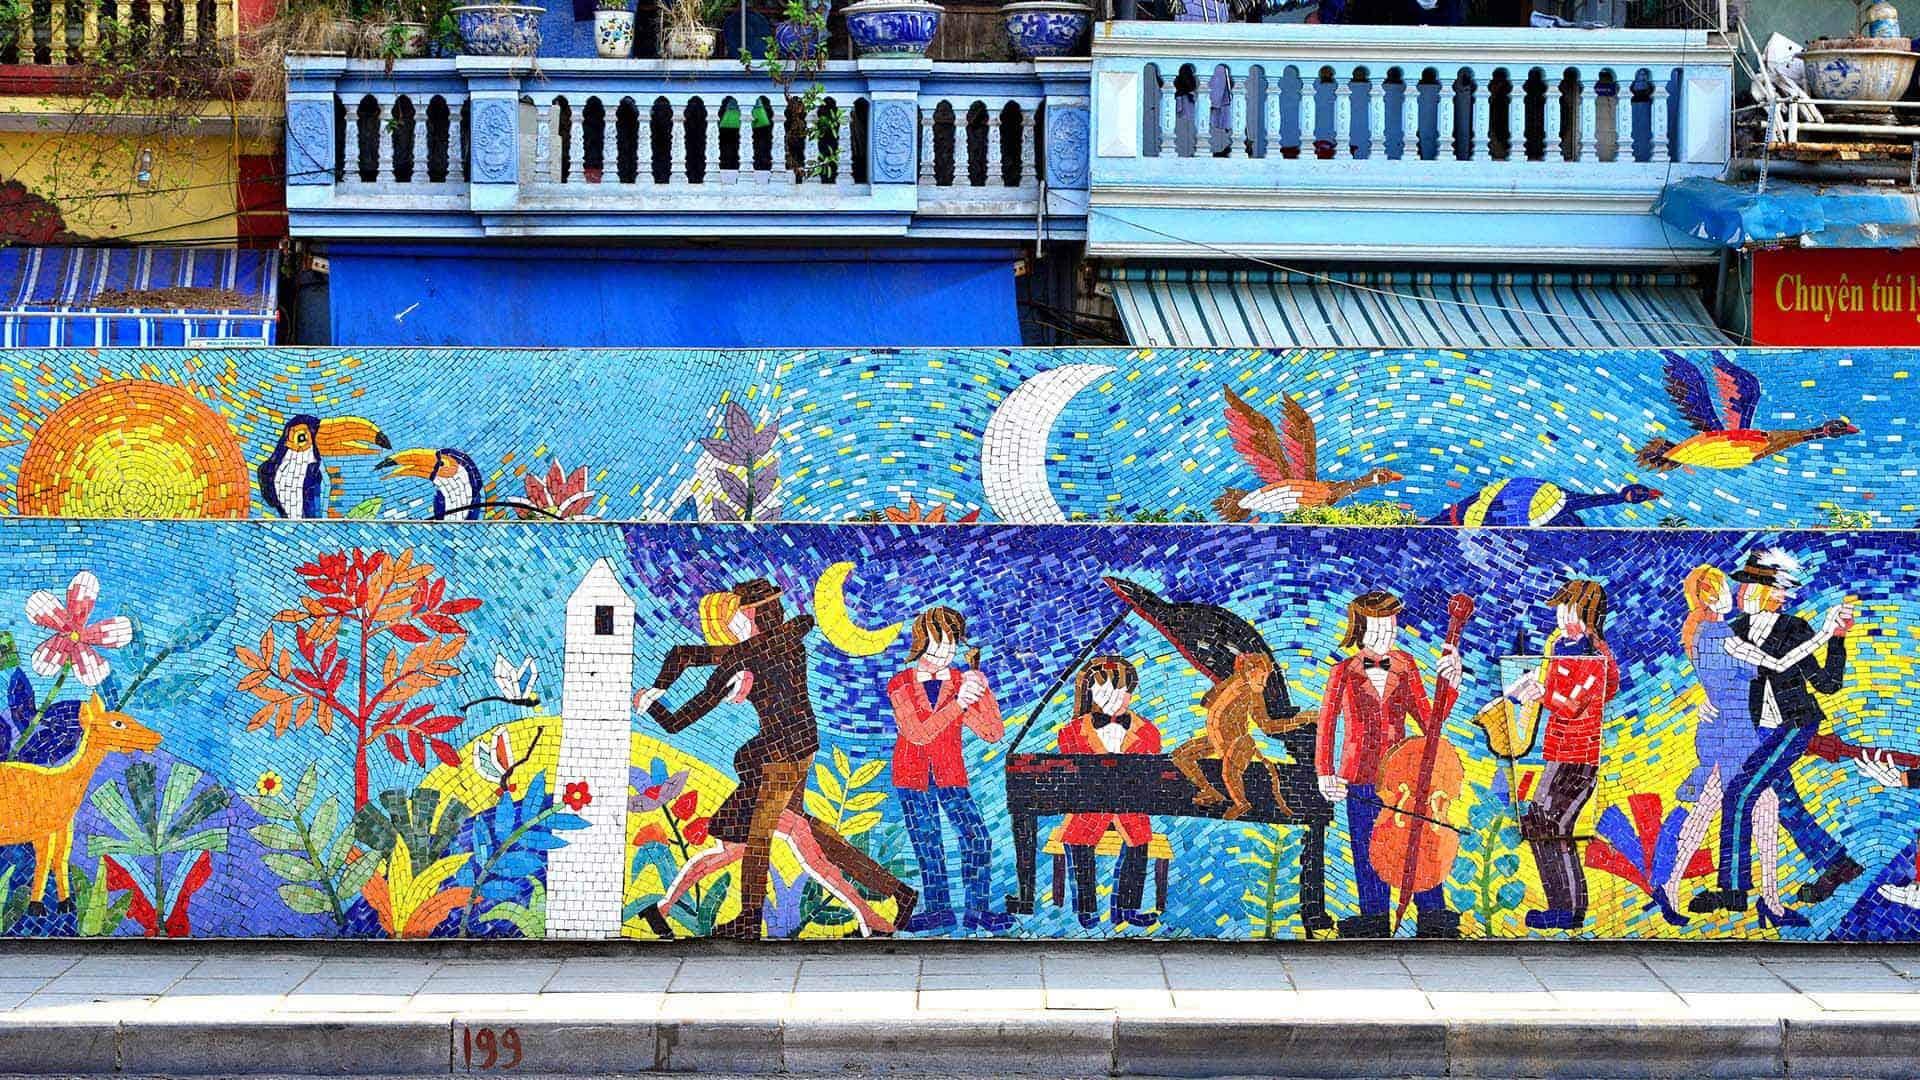 バッチャンモザイク壁画